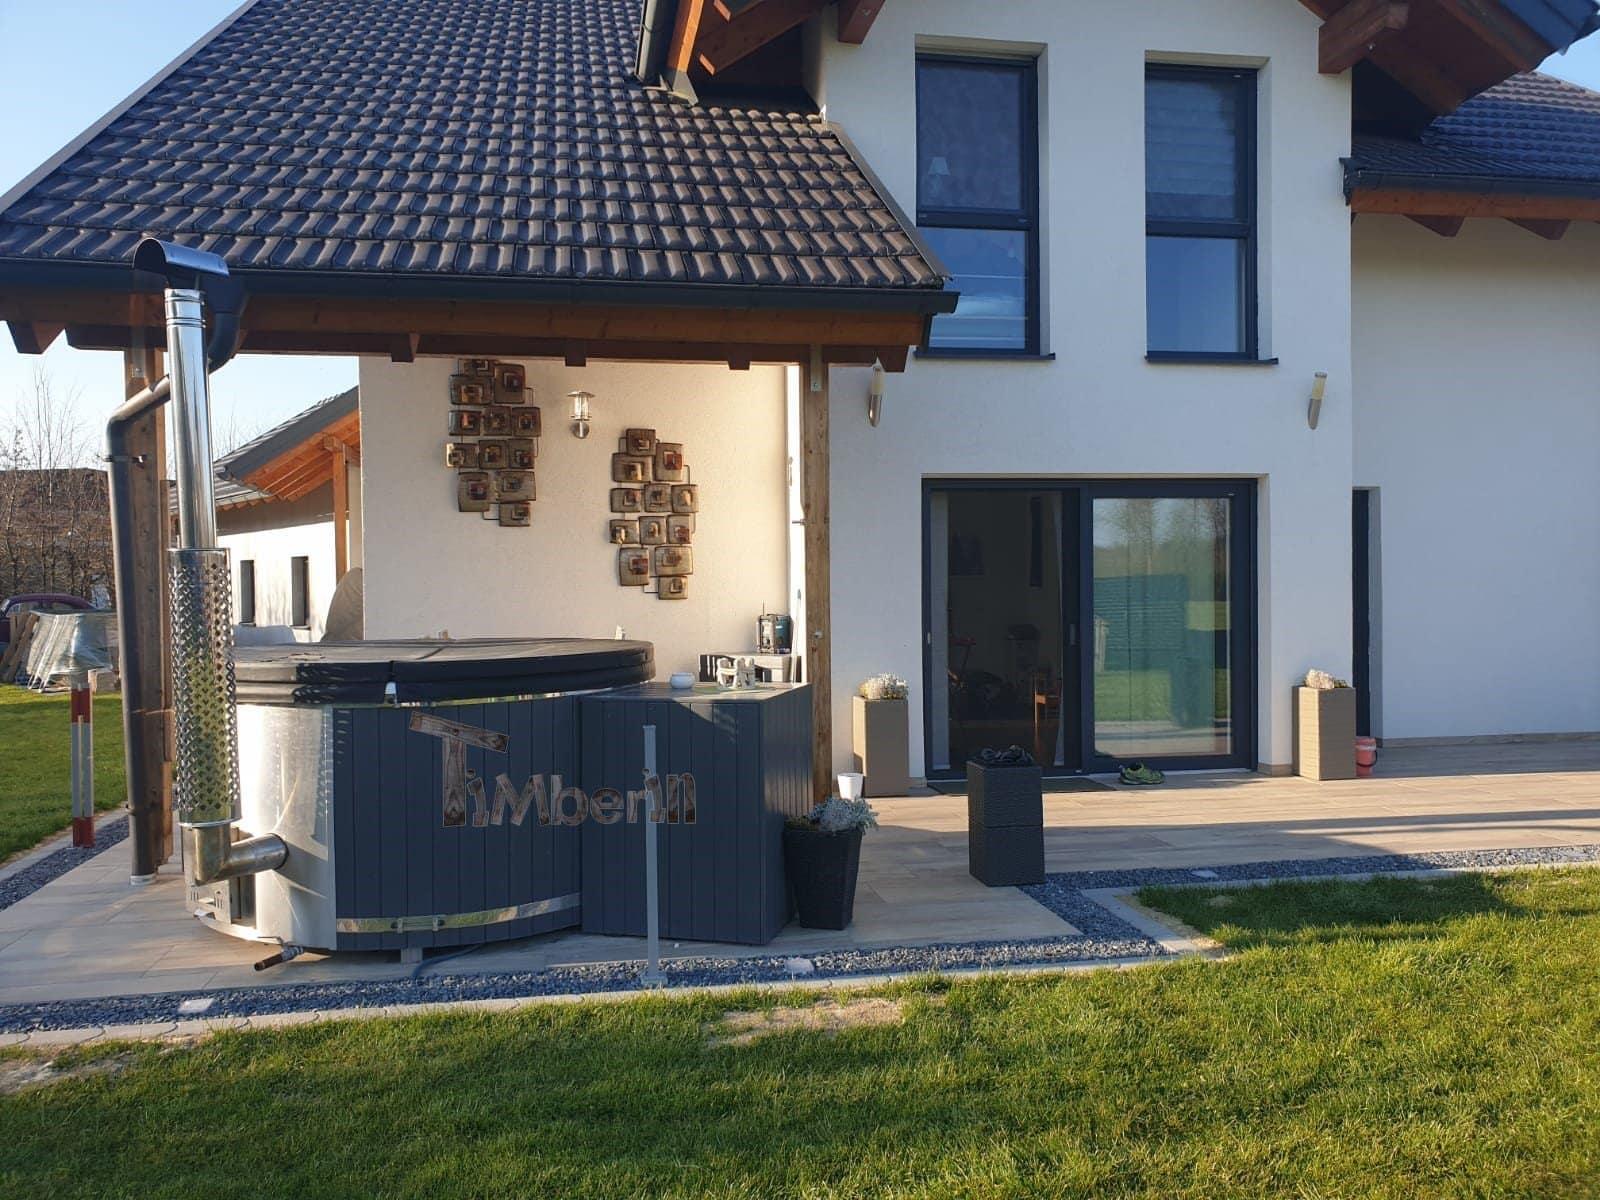 Badezuber-Fiberglas-Terrasse-Einbaumodell-mit-konischen-Wänden-Bianca-Zell-an-der-Pram-Osterreich-8 Bewertungen - Erfahrung TimberIN